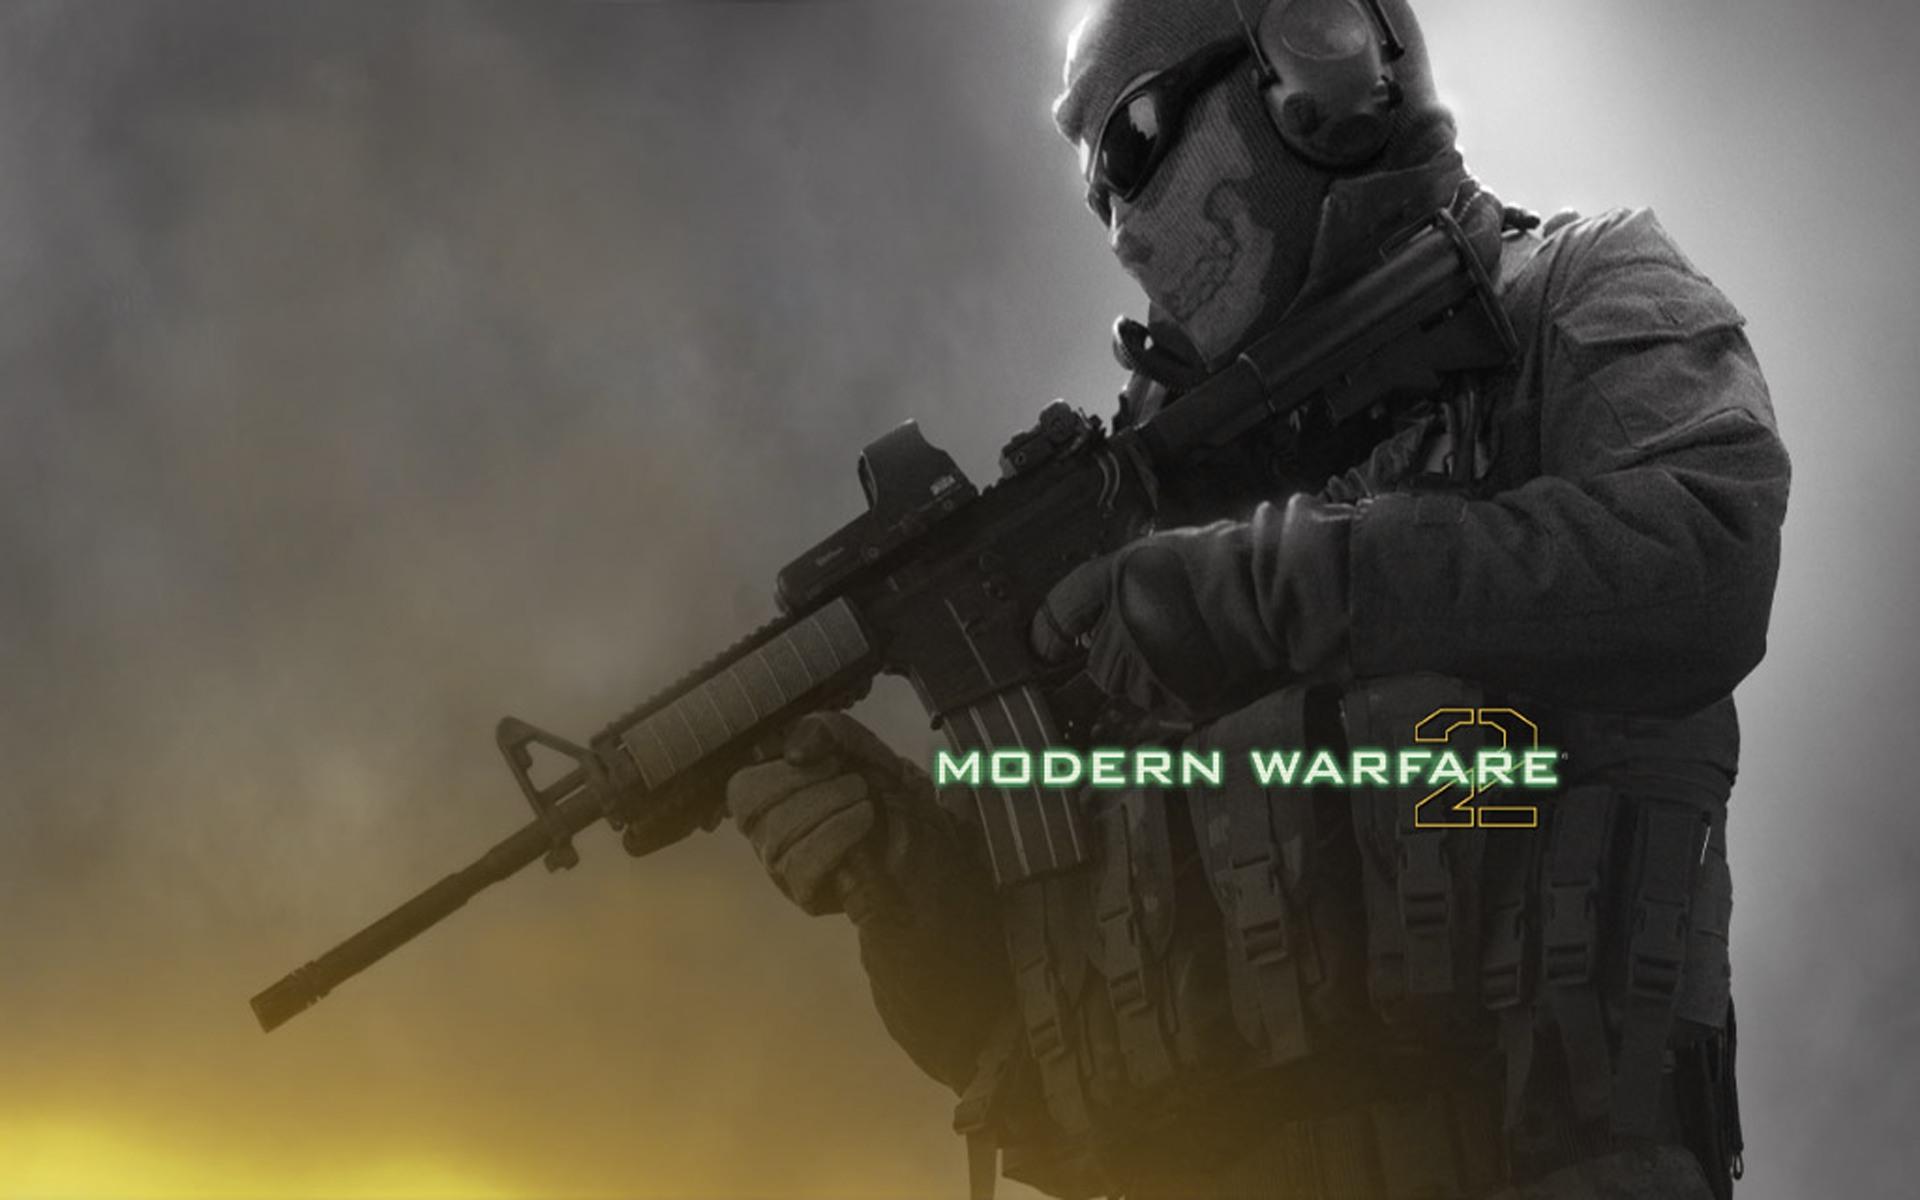 Call Of Duty Modern Warfare 2 Wallpaper Ghost 5342 Hd Wallpapers in 1920x1200